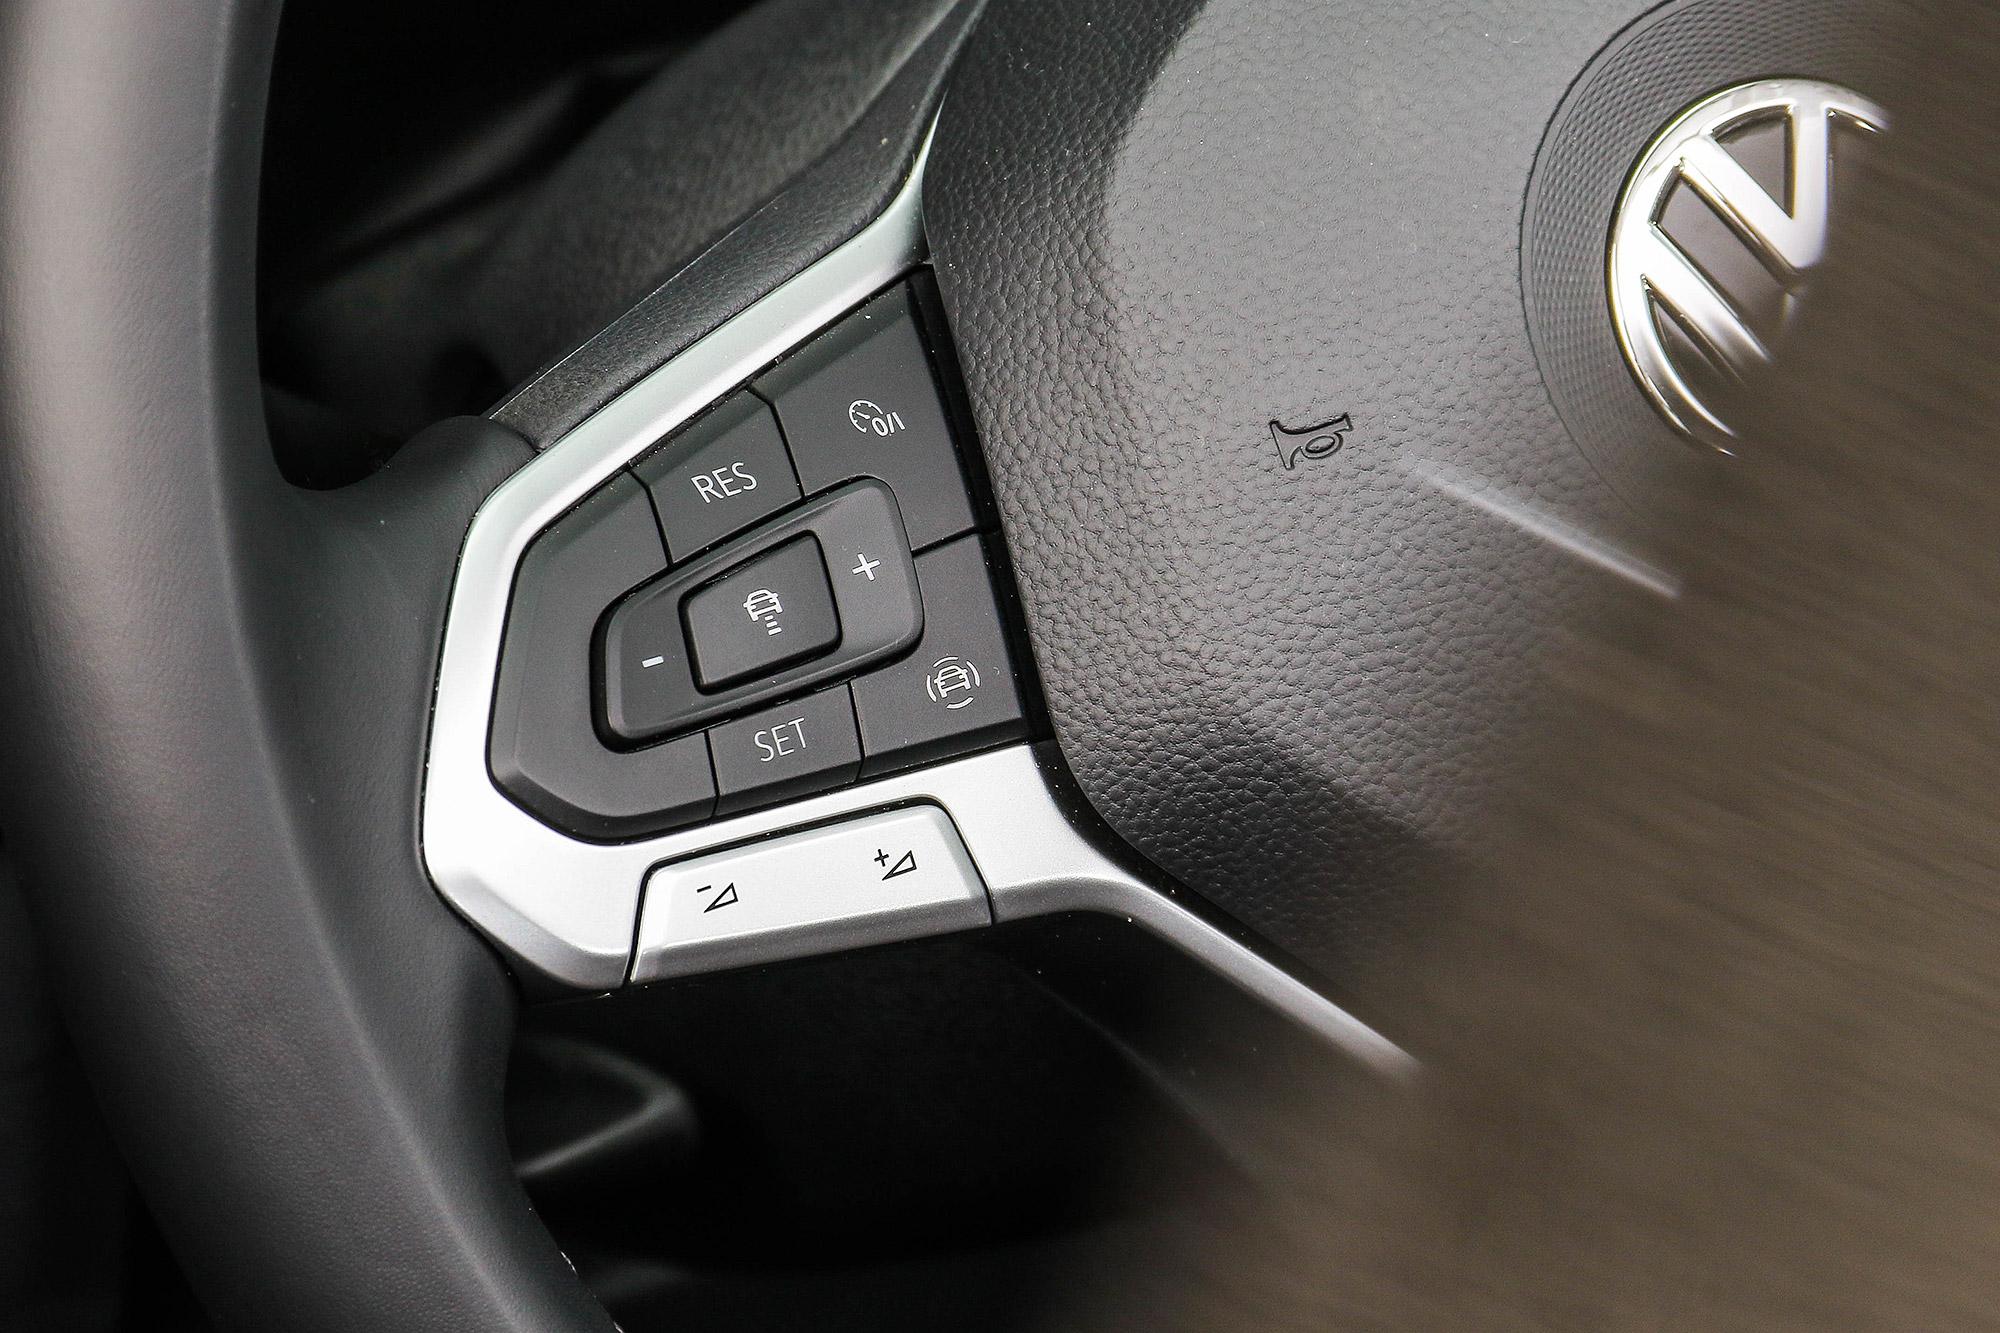 ACC 為全車系標準配備。